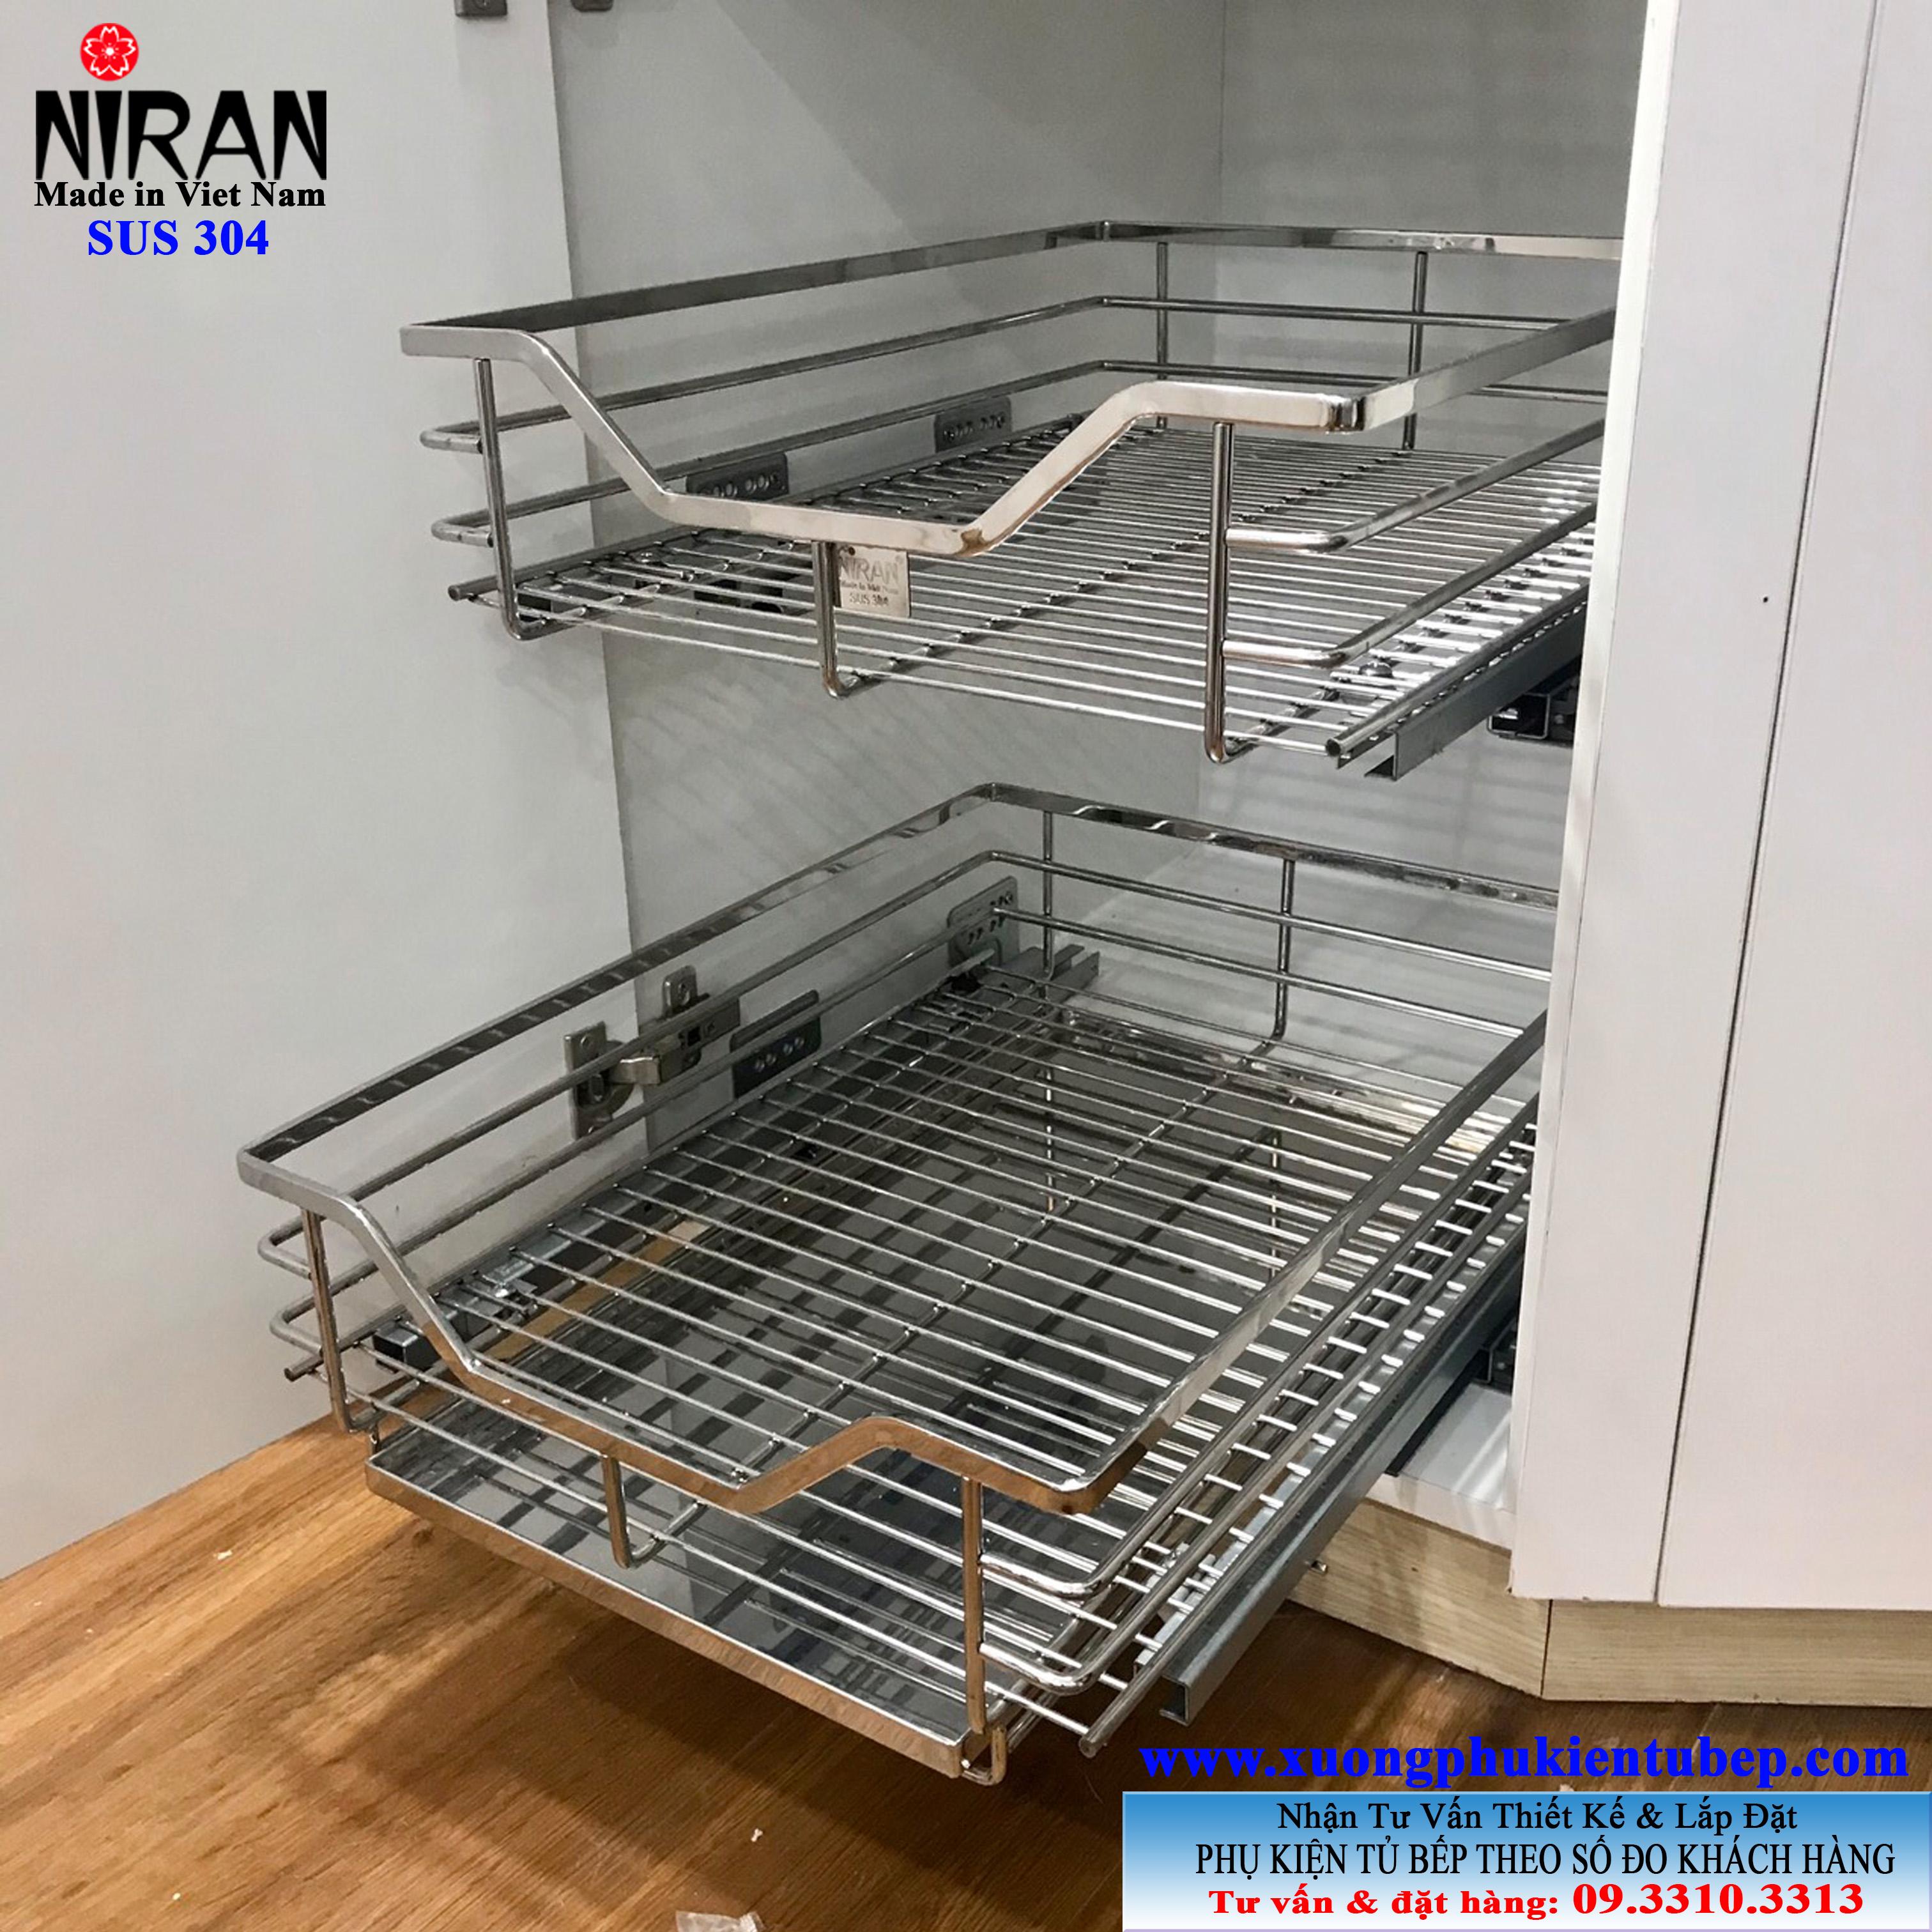 rổ tủ đồ khô 2 tầng inox 304 có ray kéo